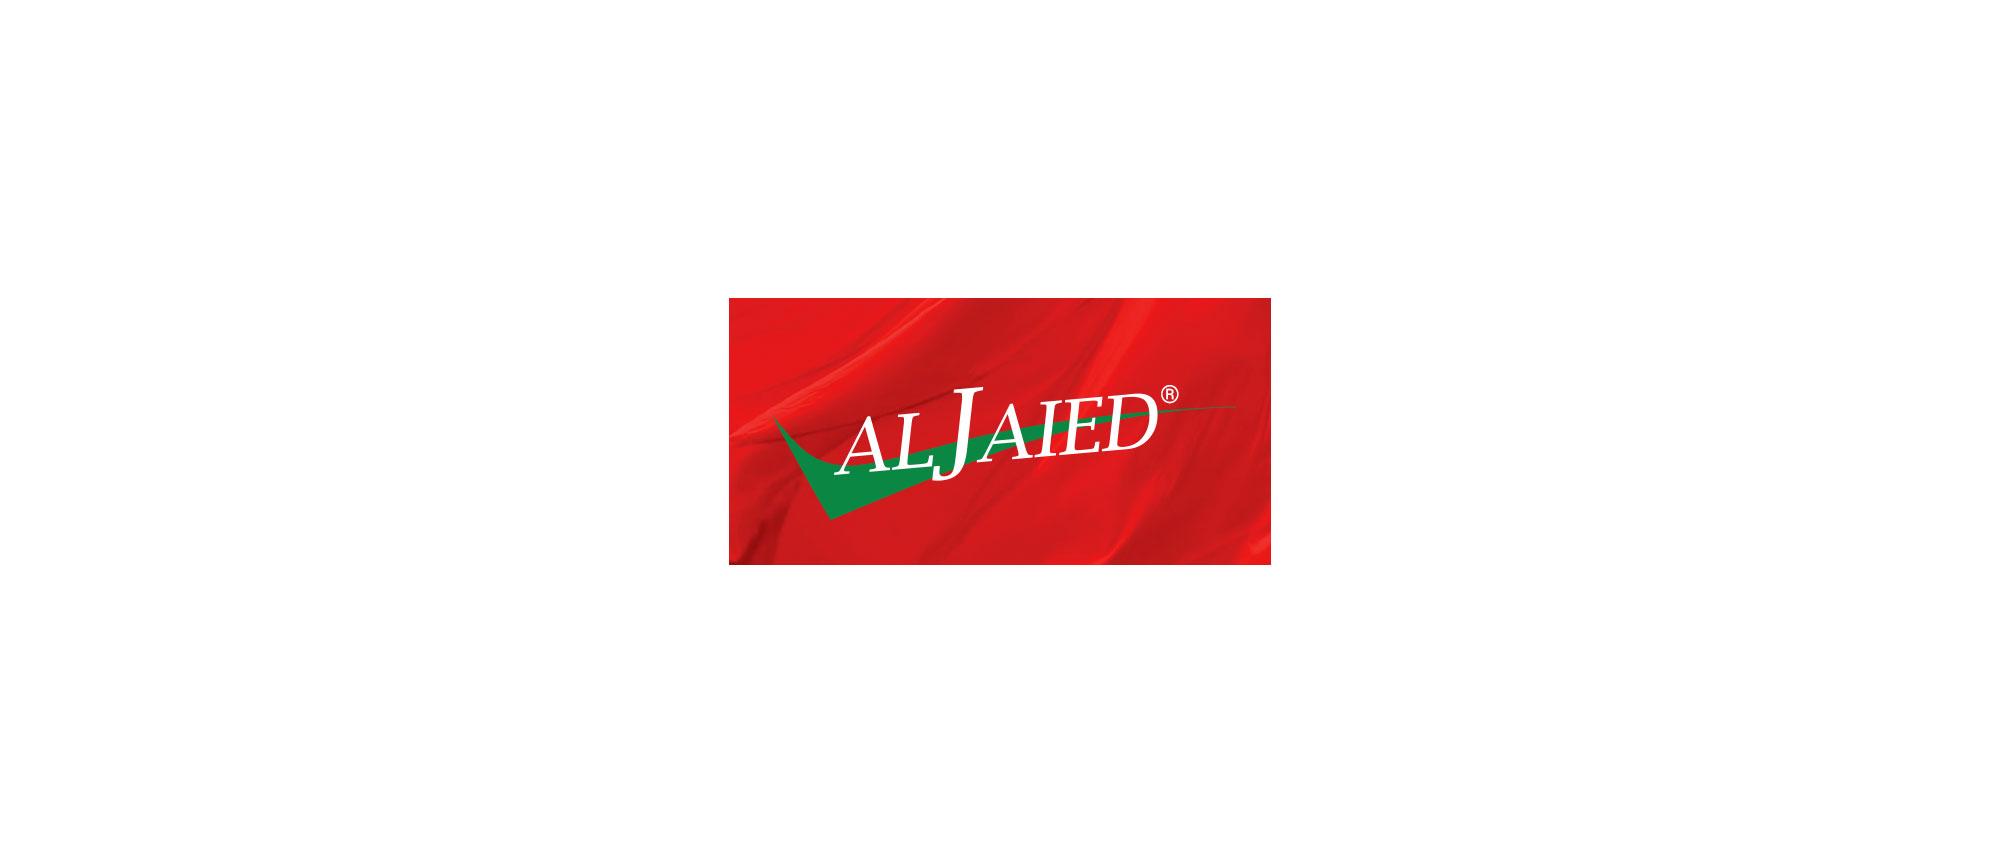 AlJaied